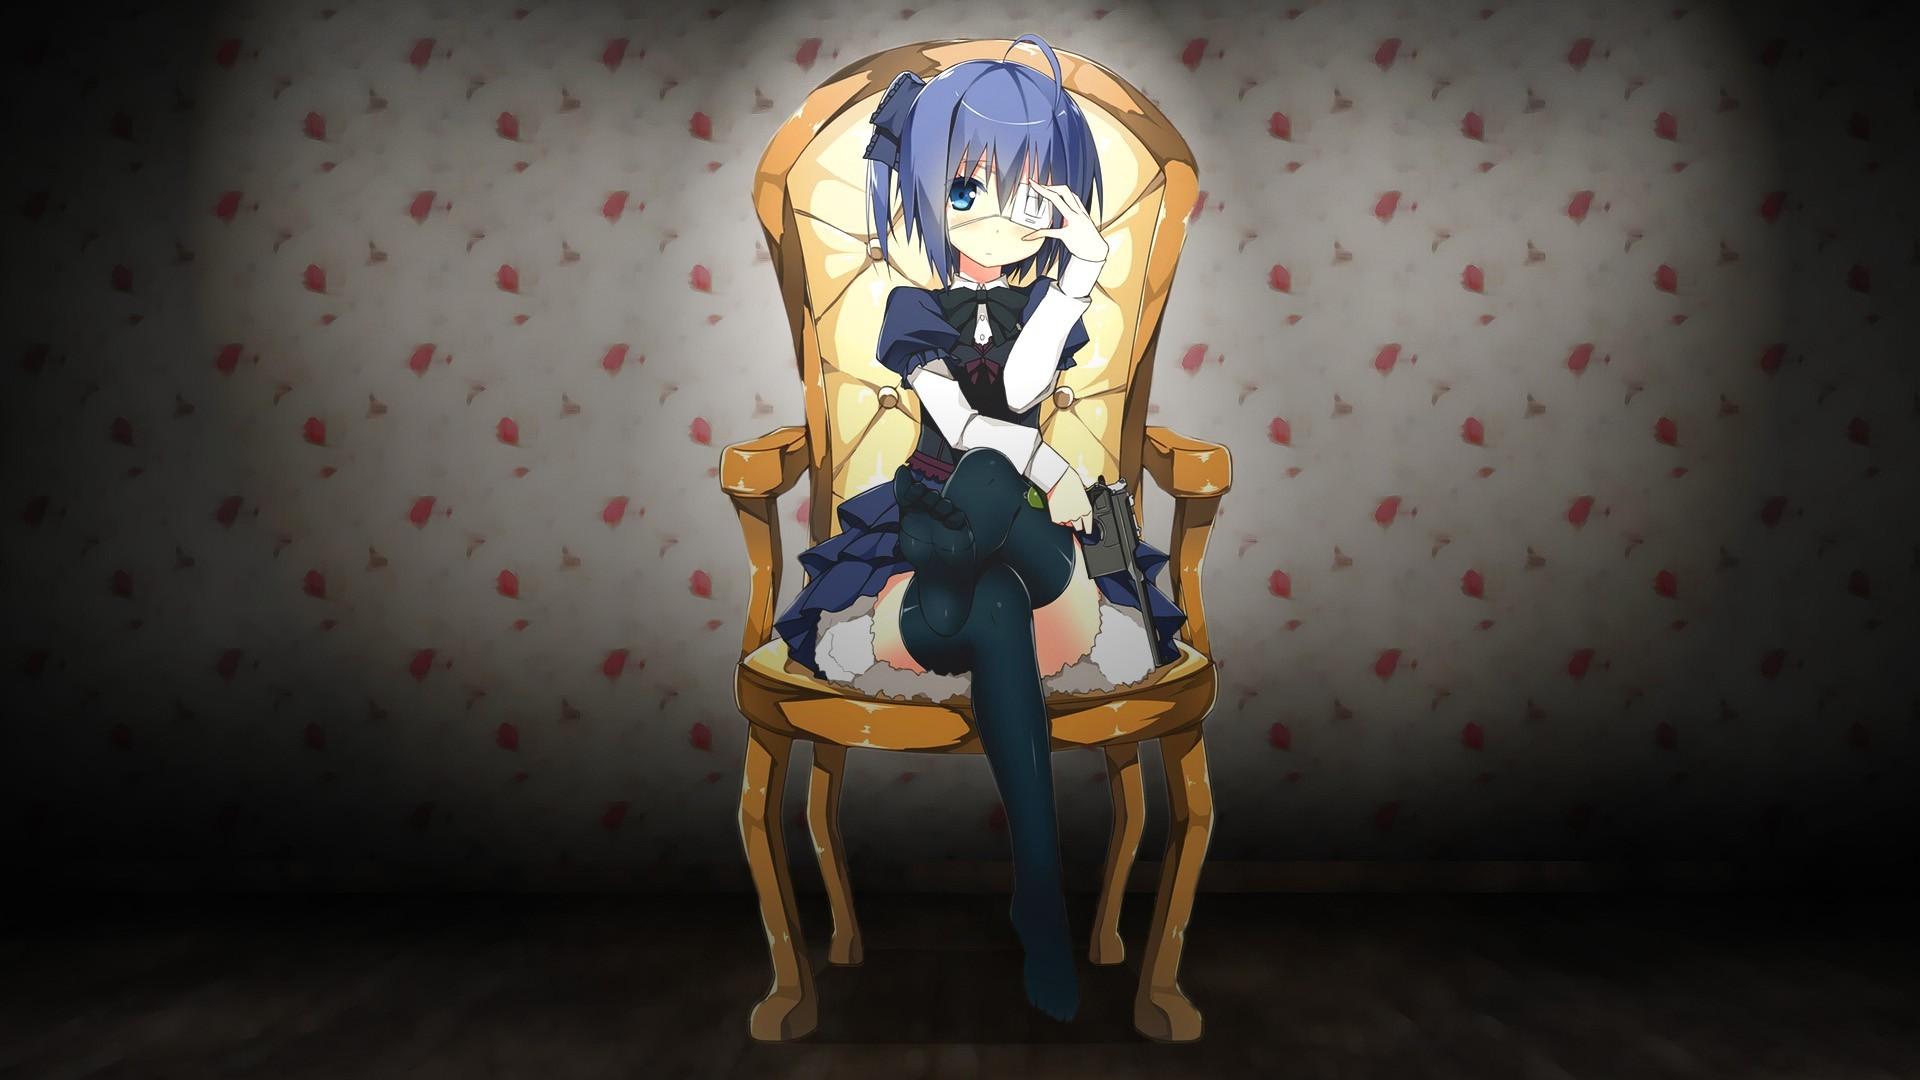 Feet Anime Anime Girls Takanashi Rikka Chunibyo Demo - Imagenes De Chuunibyou Demo Koi Ga Shitai , HD Wallpaper & Backgrounds